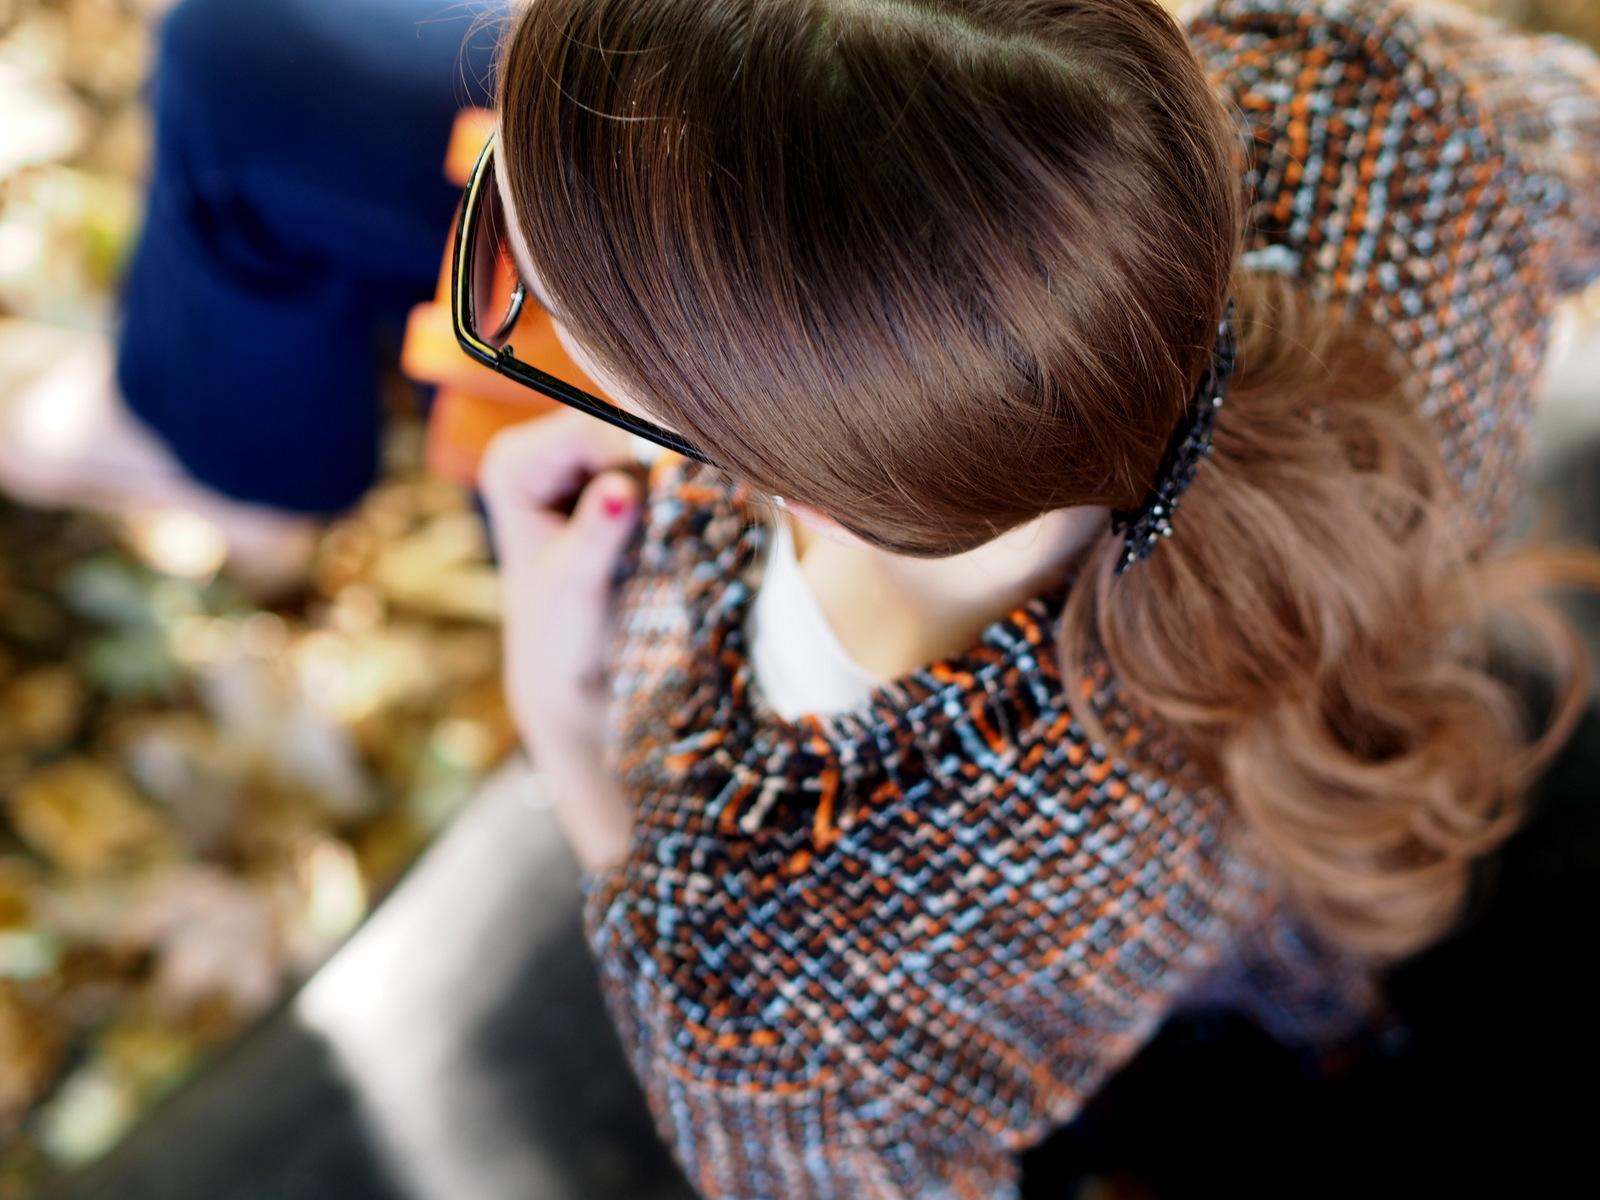 vystrapkaný blazer v jesennom outfite // handmade blazer in autumn outfit